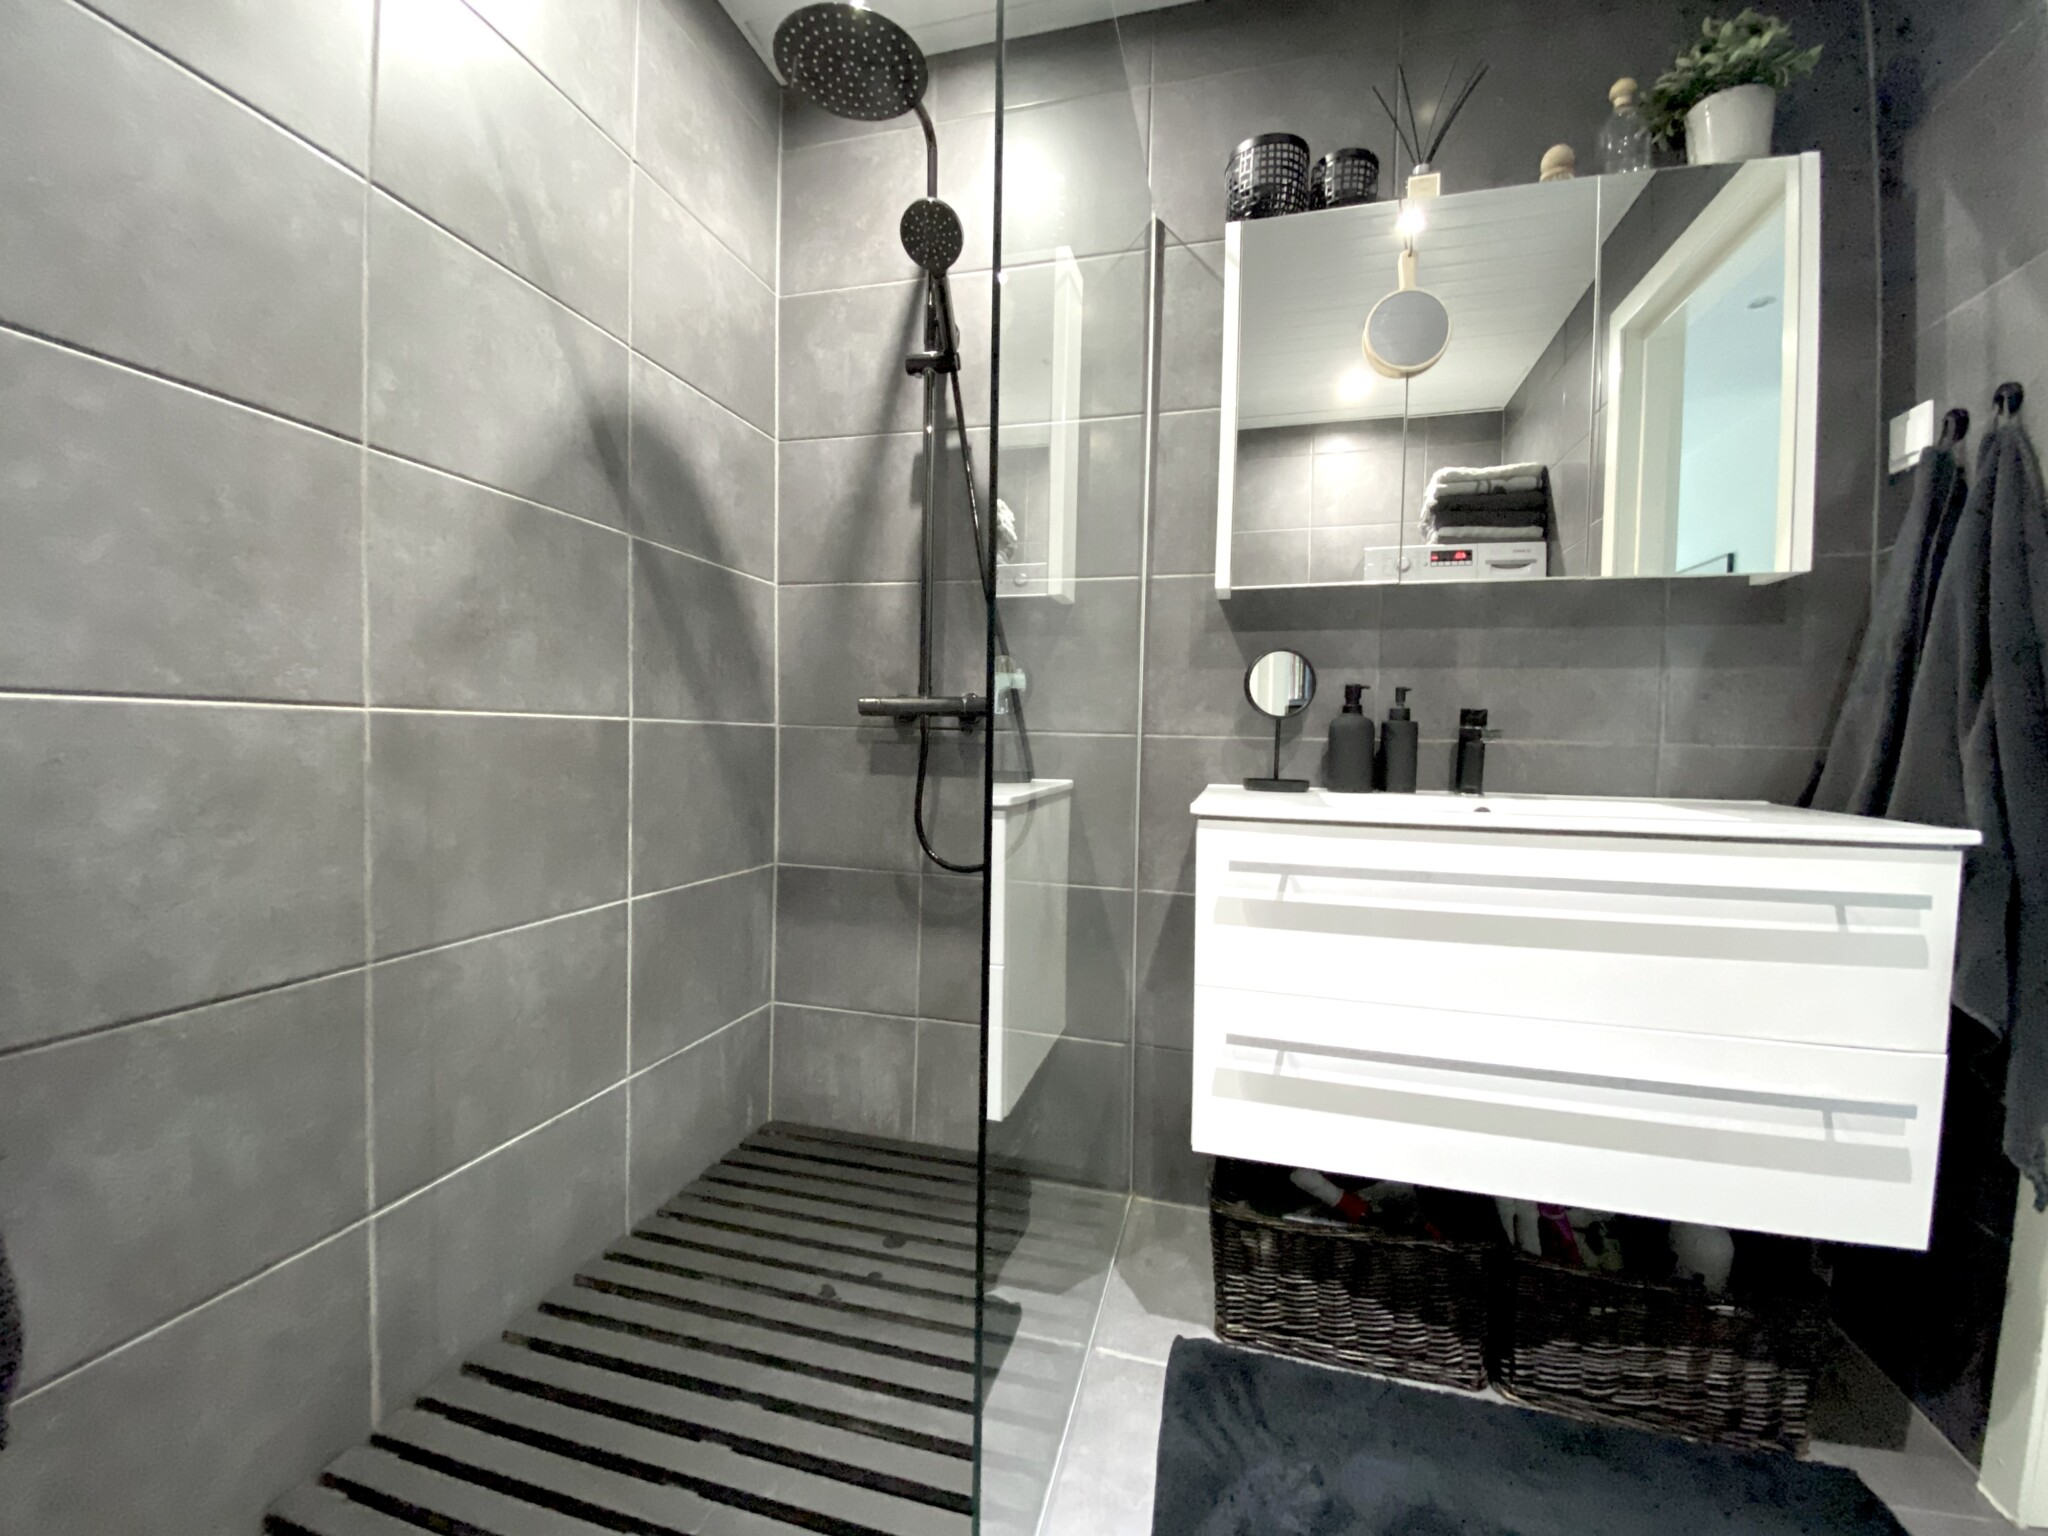 kuidas värskendada vannituba soodsalt ja tolmuta?